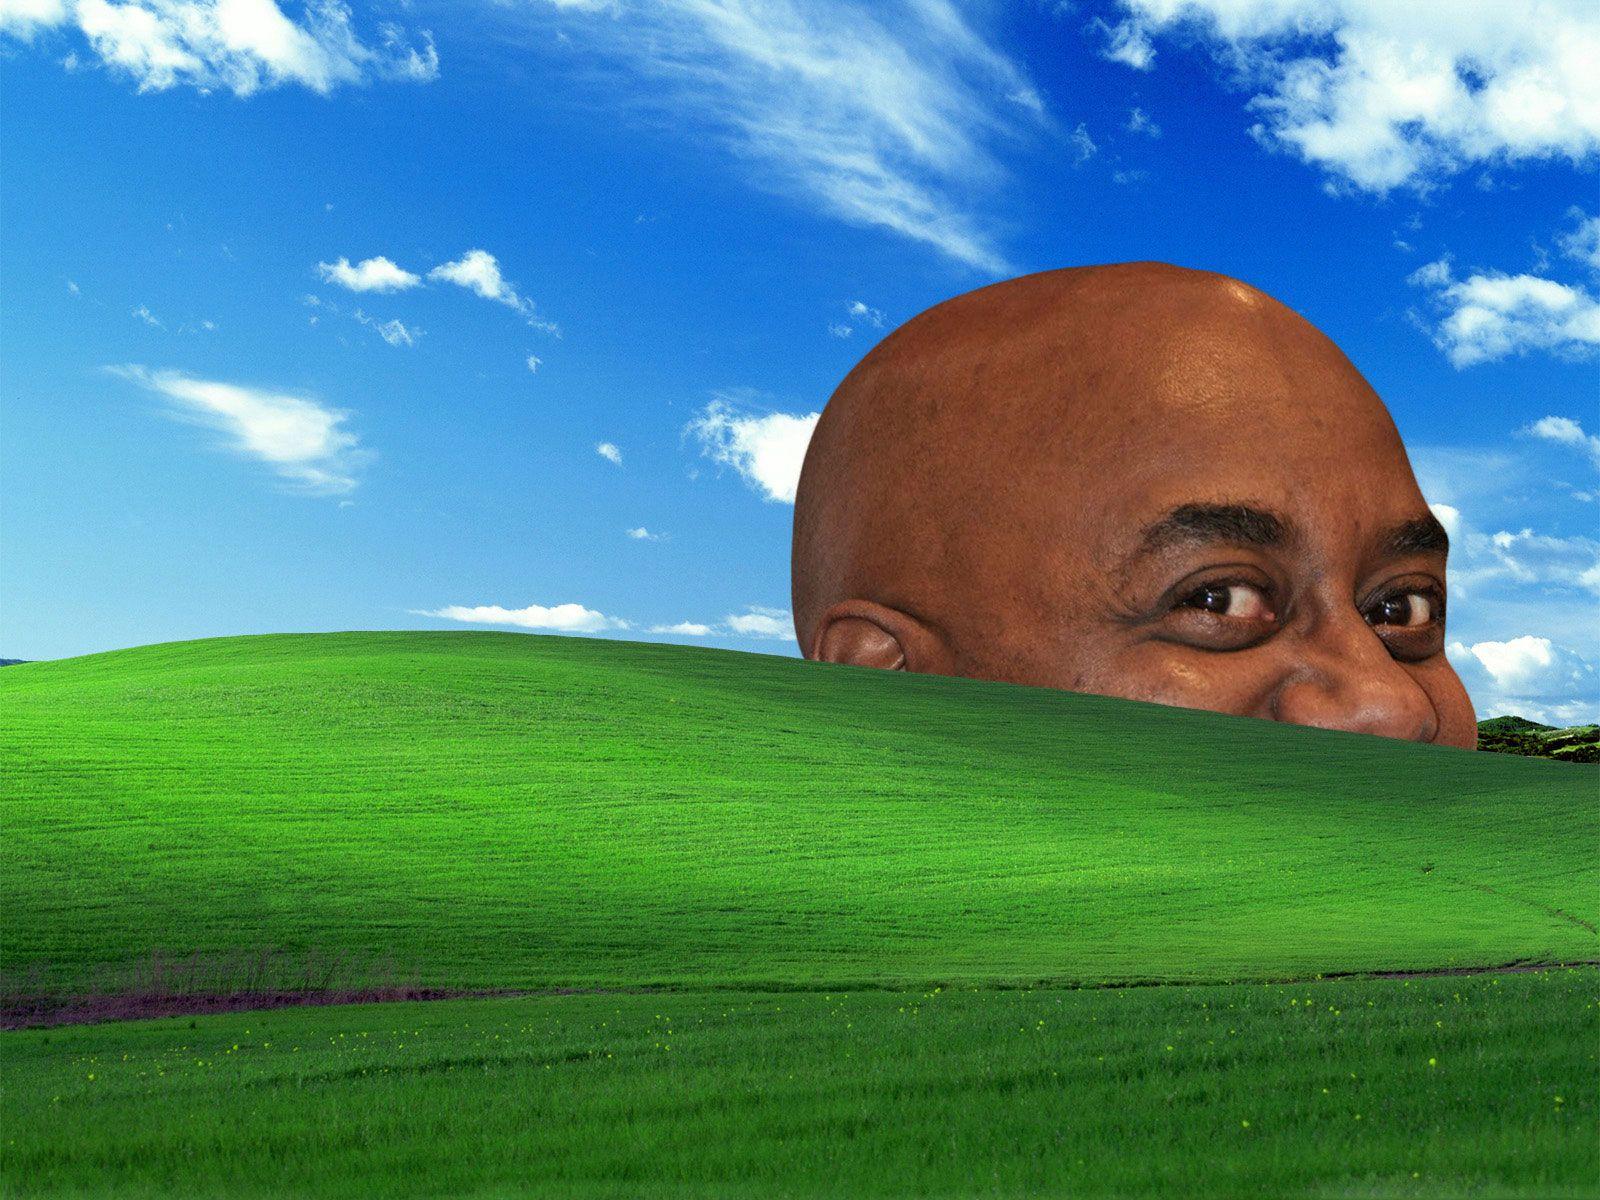 Weird Desktop Wallpapers   Top Weird Desktop Backgrounds 1600x1200